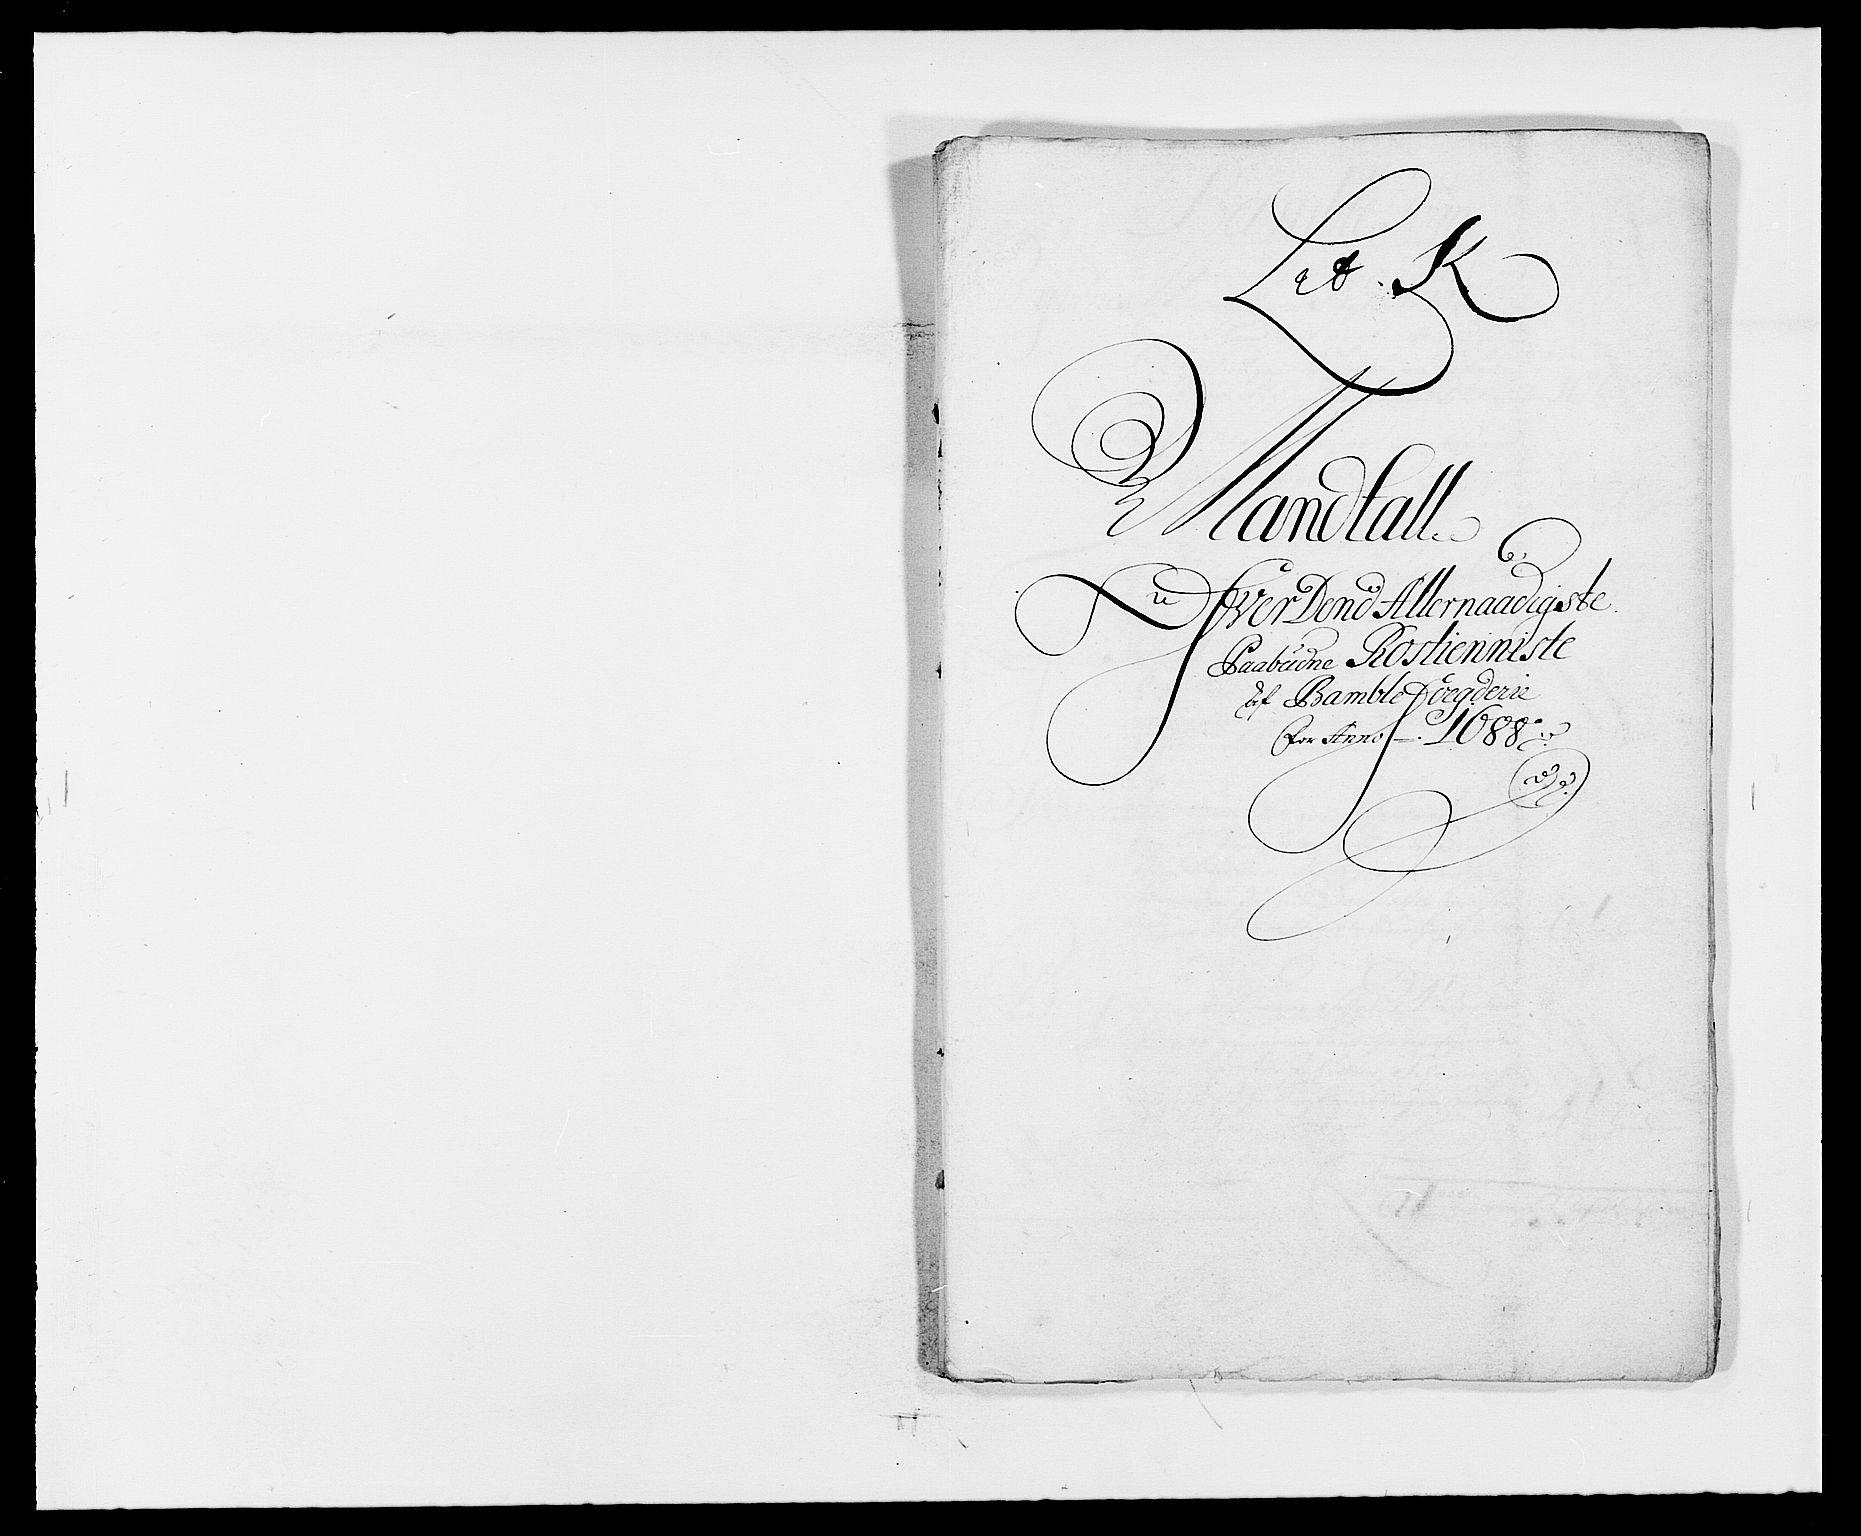 RA, Rentekammeret inntil 1814, Reviderte regnskaper, Fogderegnskap, R34/L2050: Fogderegnskap Bamble, 1688-1691, s. 174